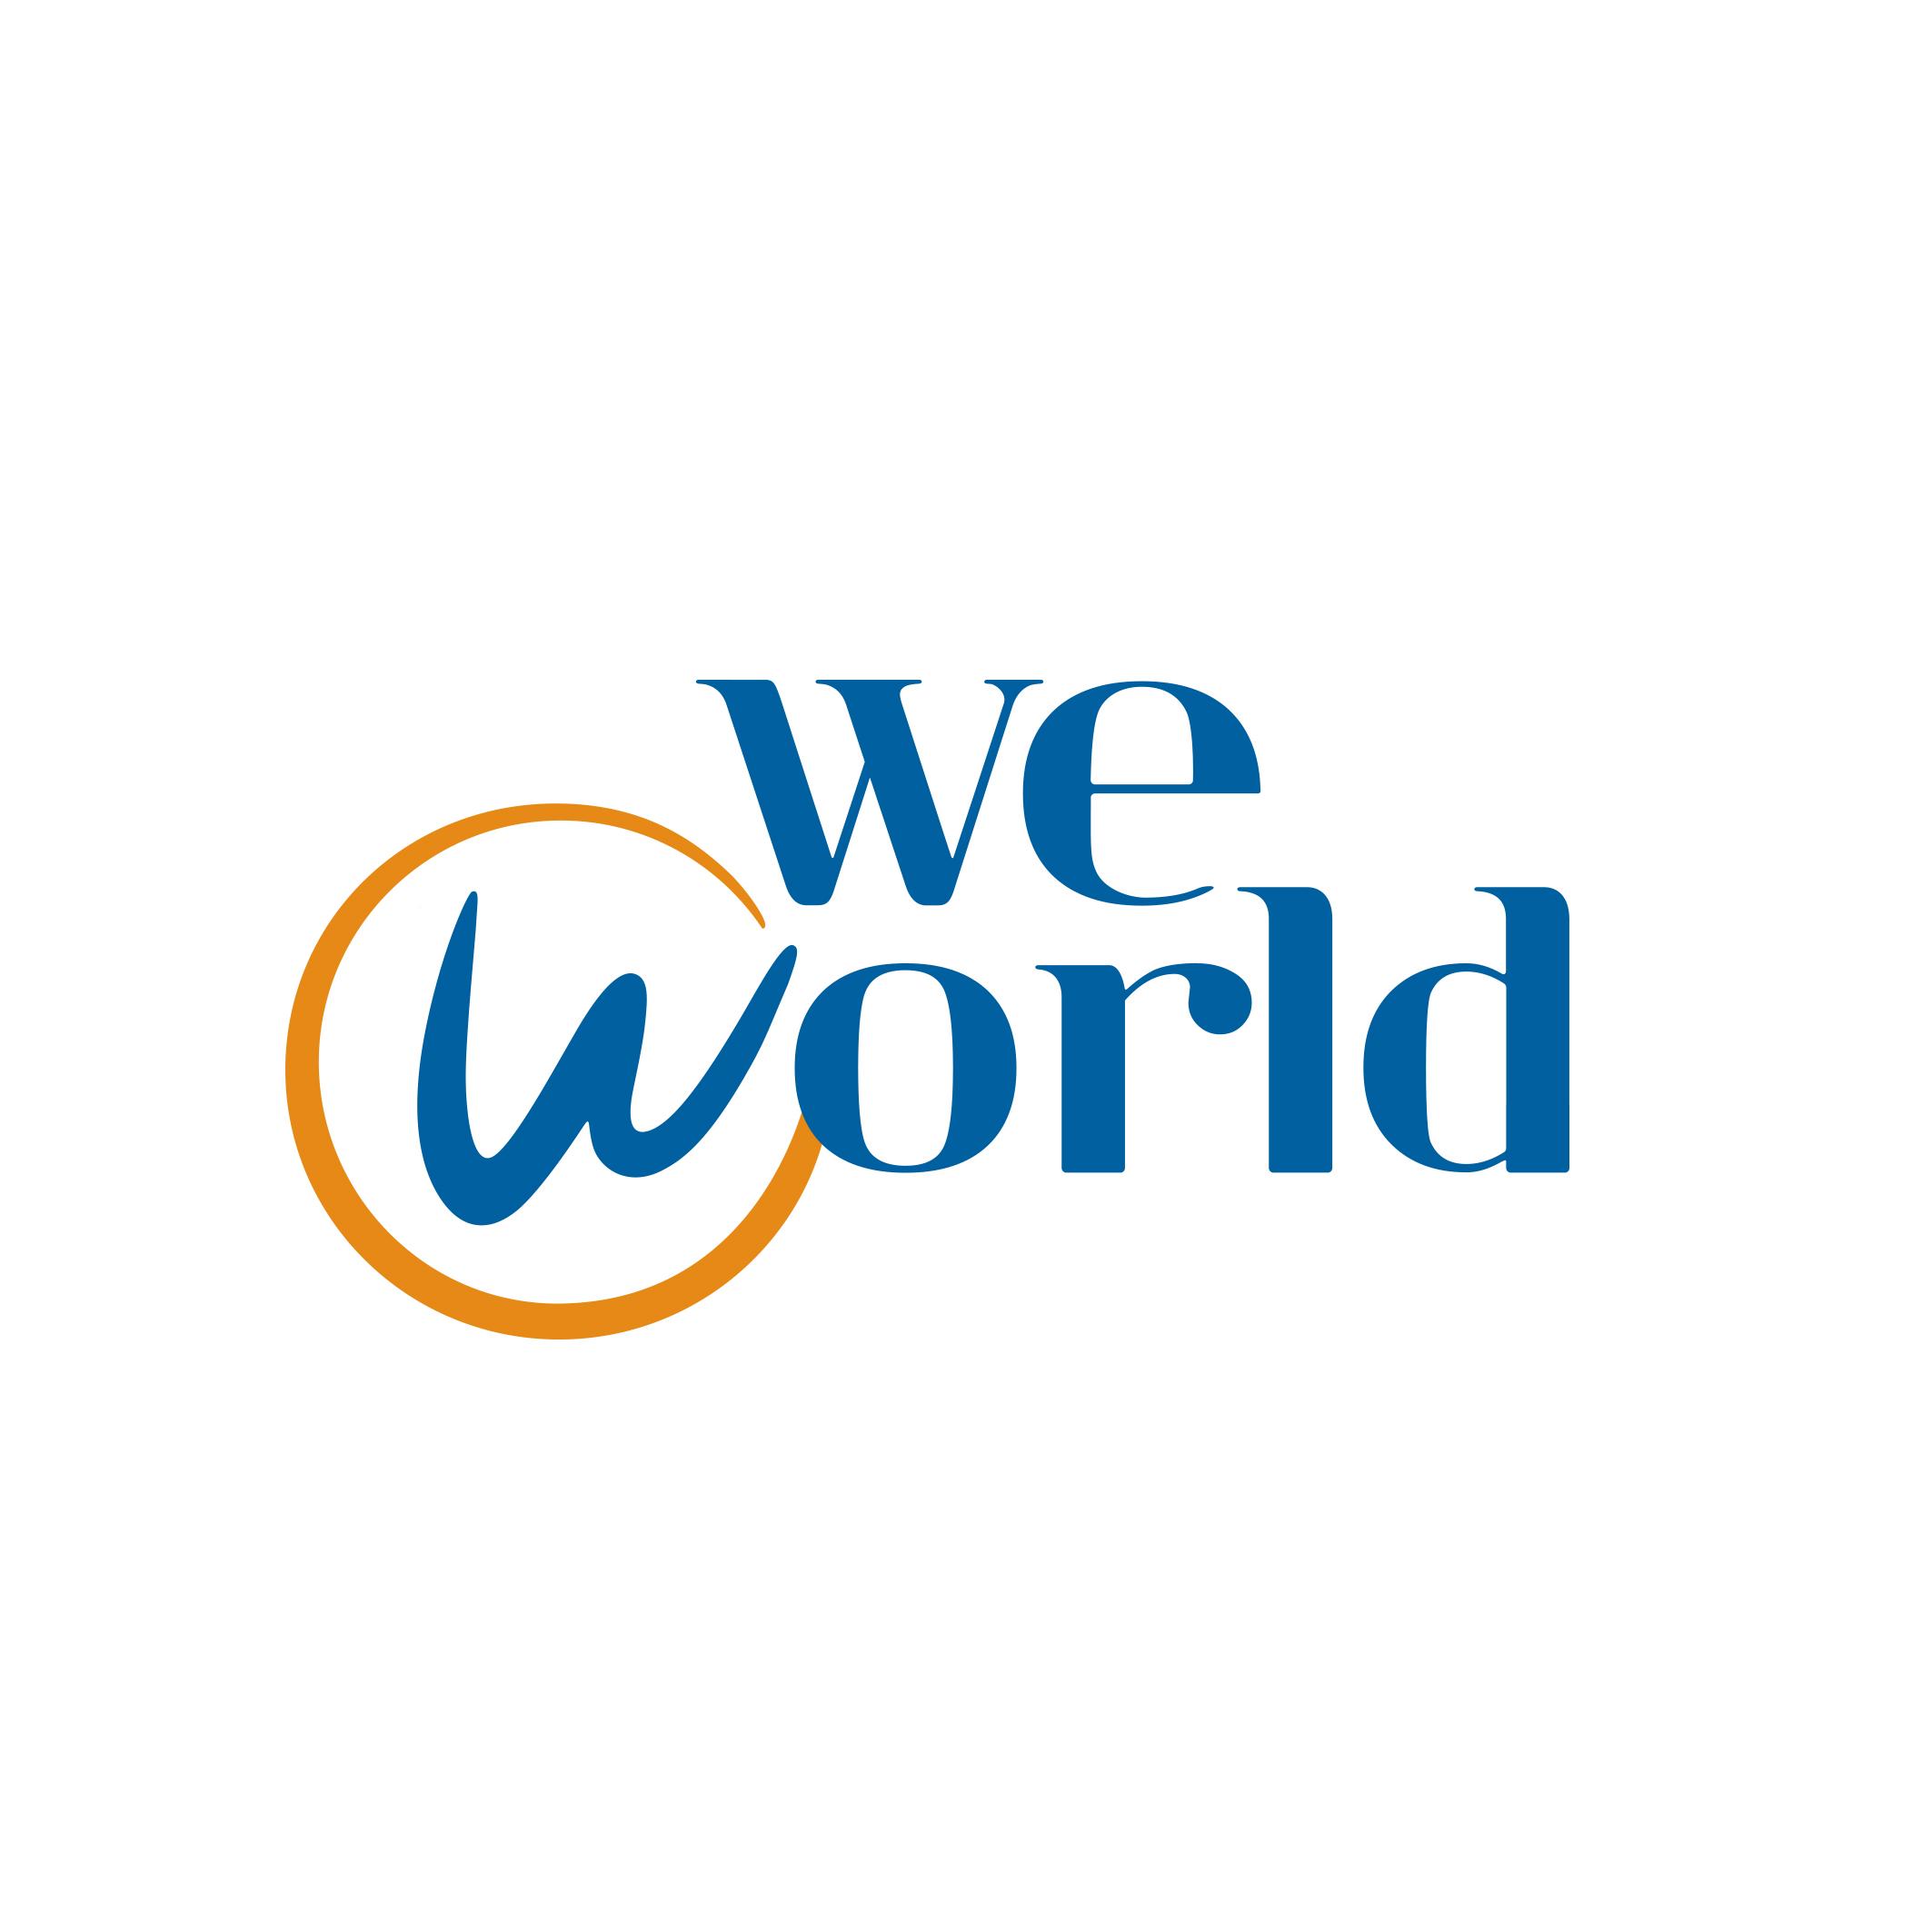 Weworld logo